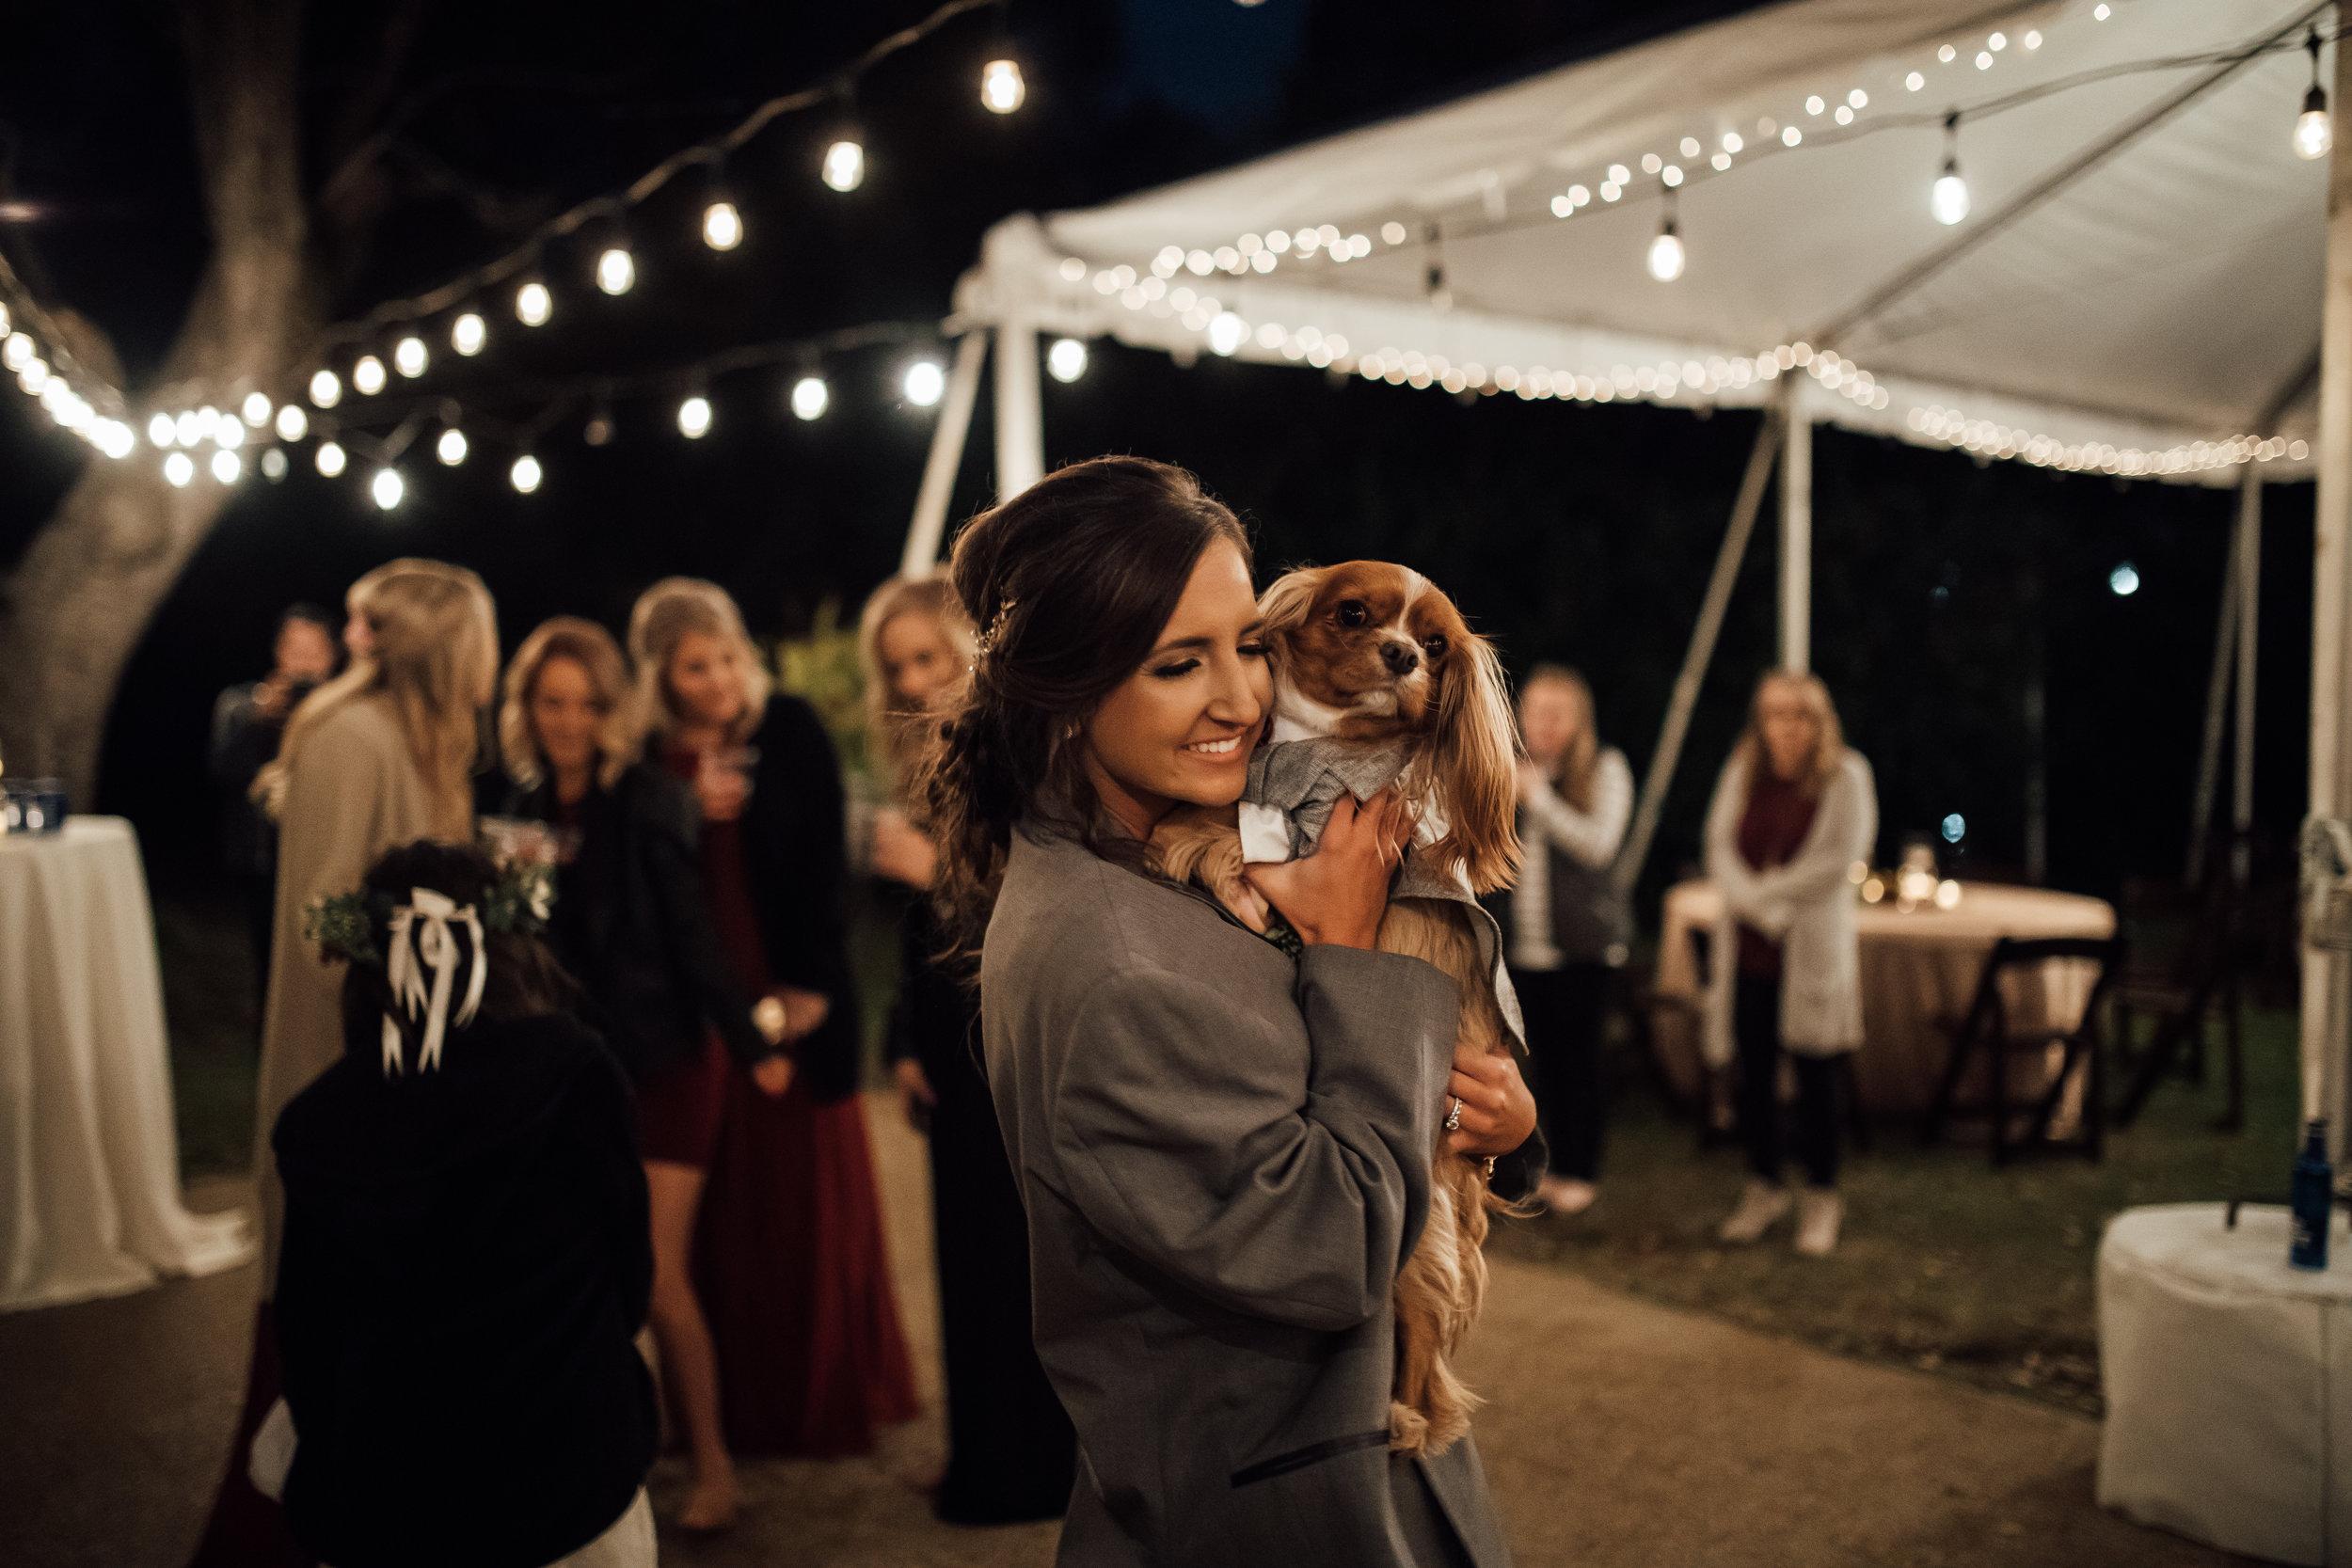 fountain-south-inn-wedding-cassie-cook-photography-memphis-wedding-photographer-ray-wedding-388.jpg